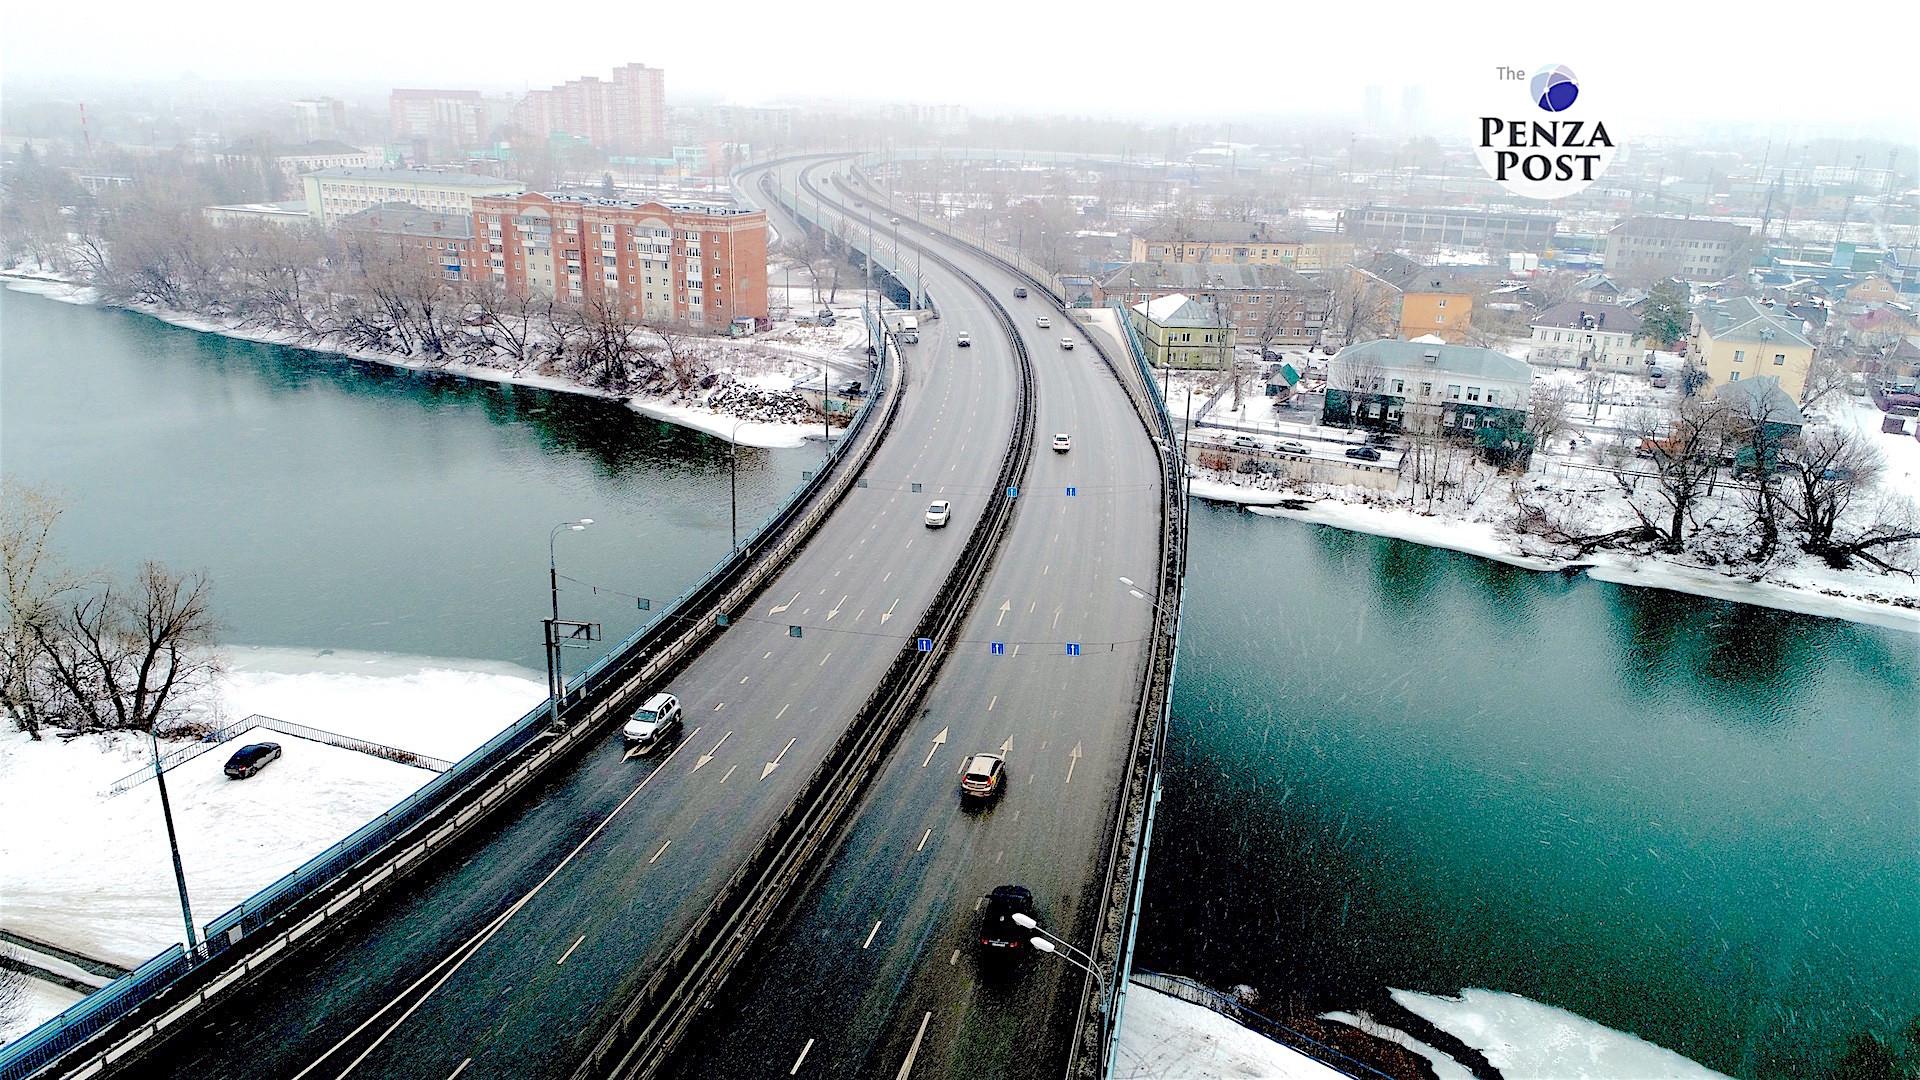 Принят законопроект о присвоении мосту в Пензе имени Валерия Капашина